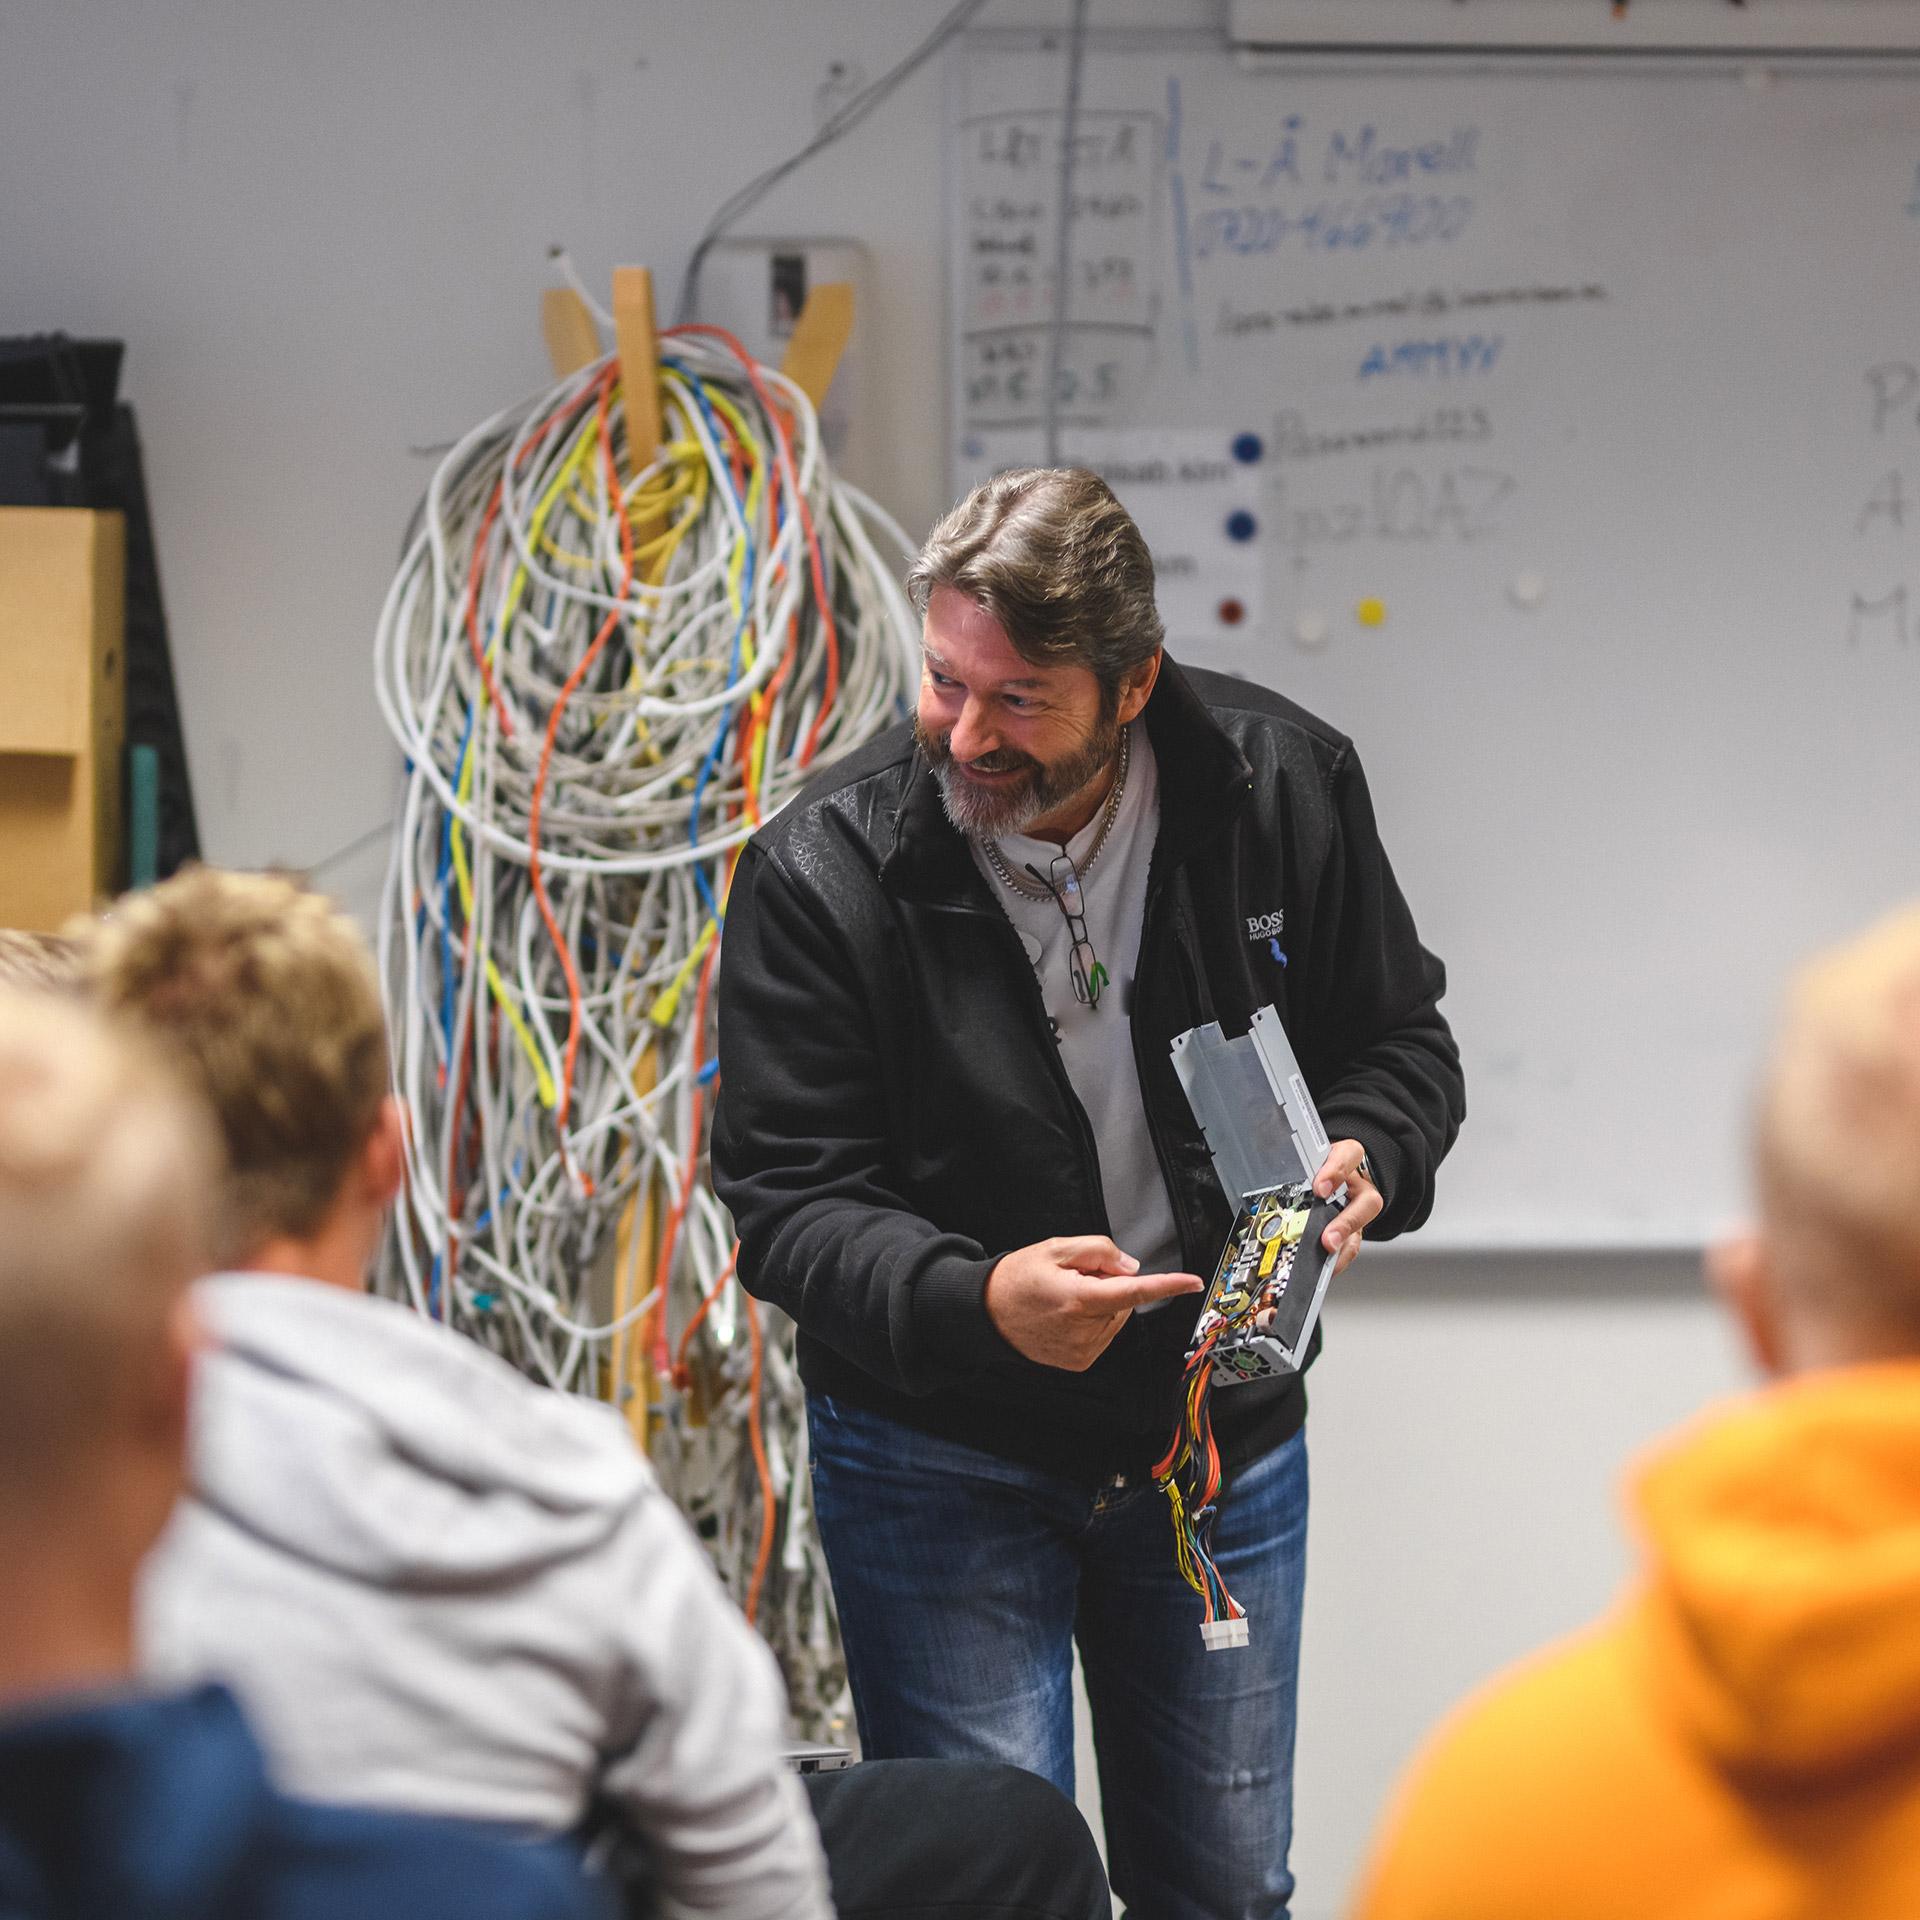 En lärare undervisar elever inom nätverksteknik i ett klassrum